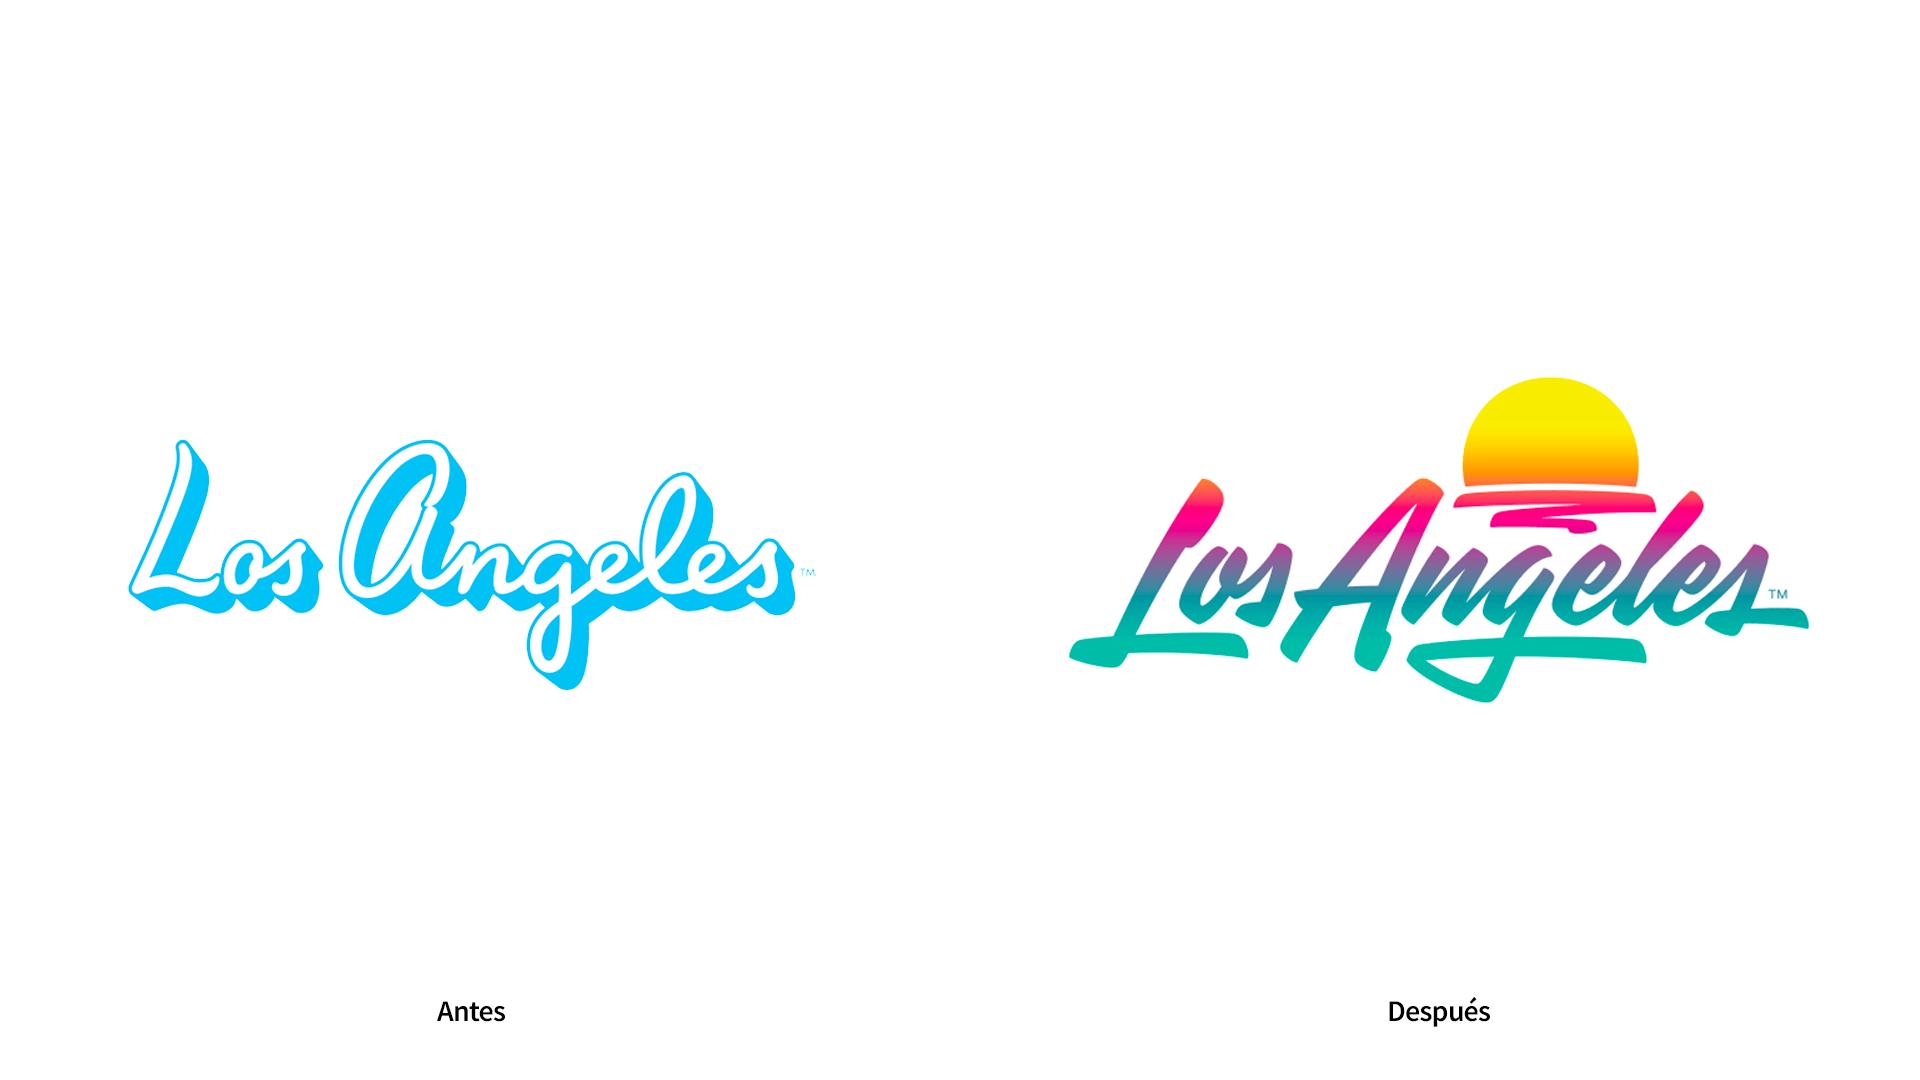 Antes Después de Los Angeles Turismo